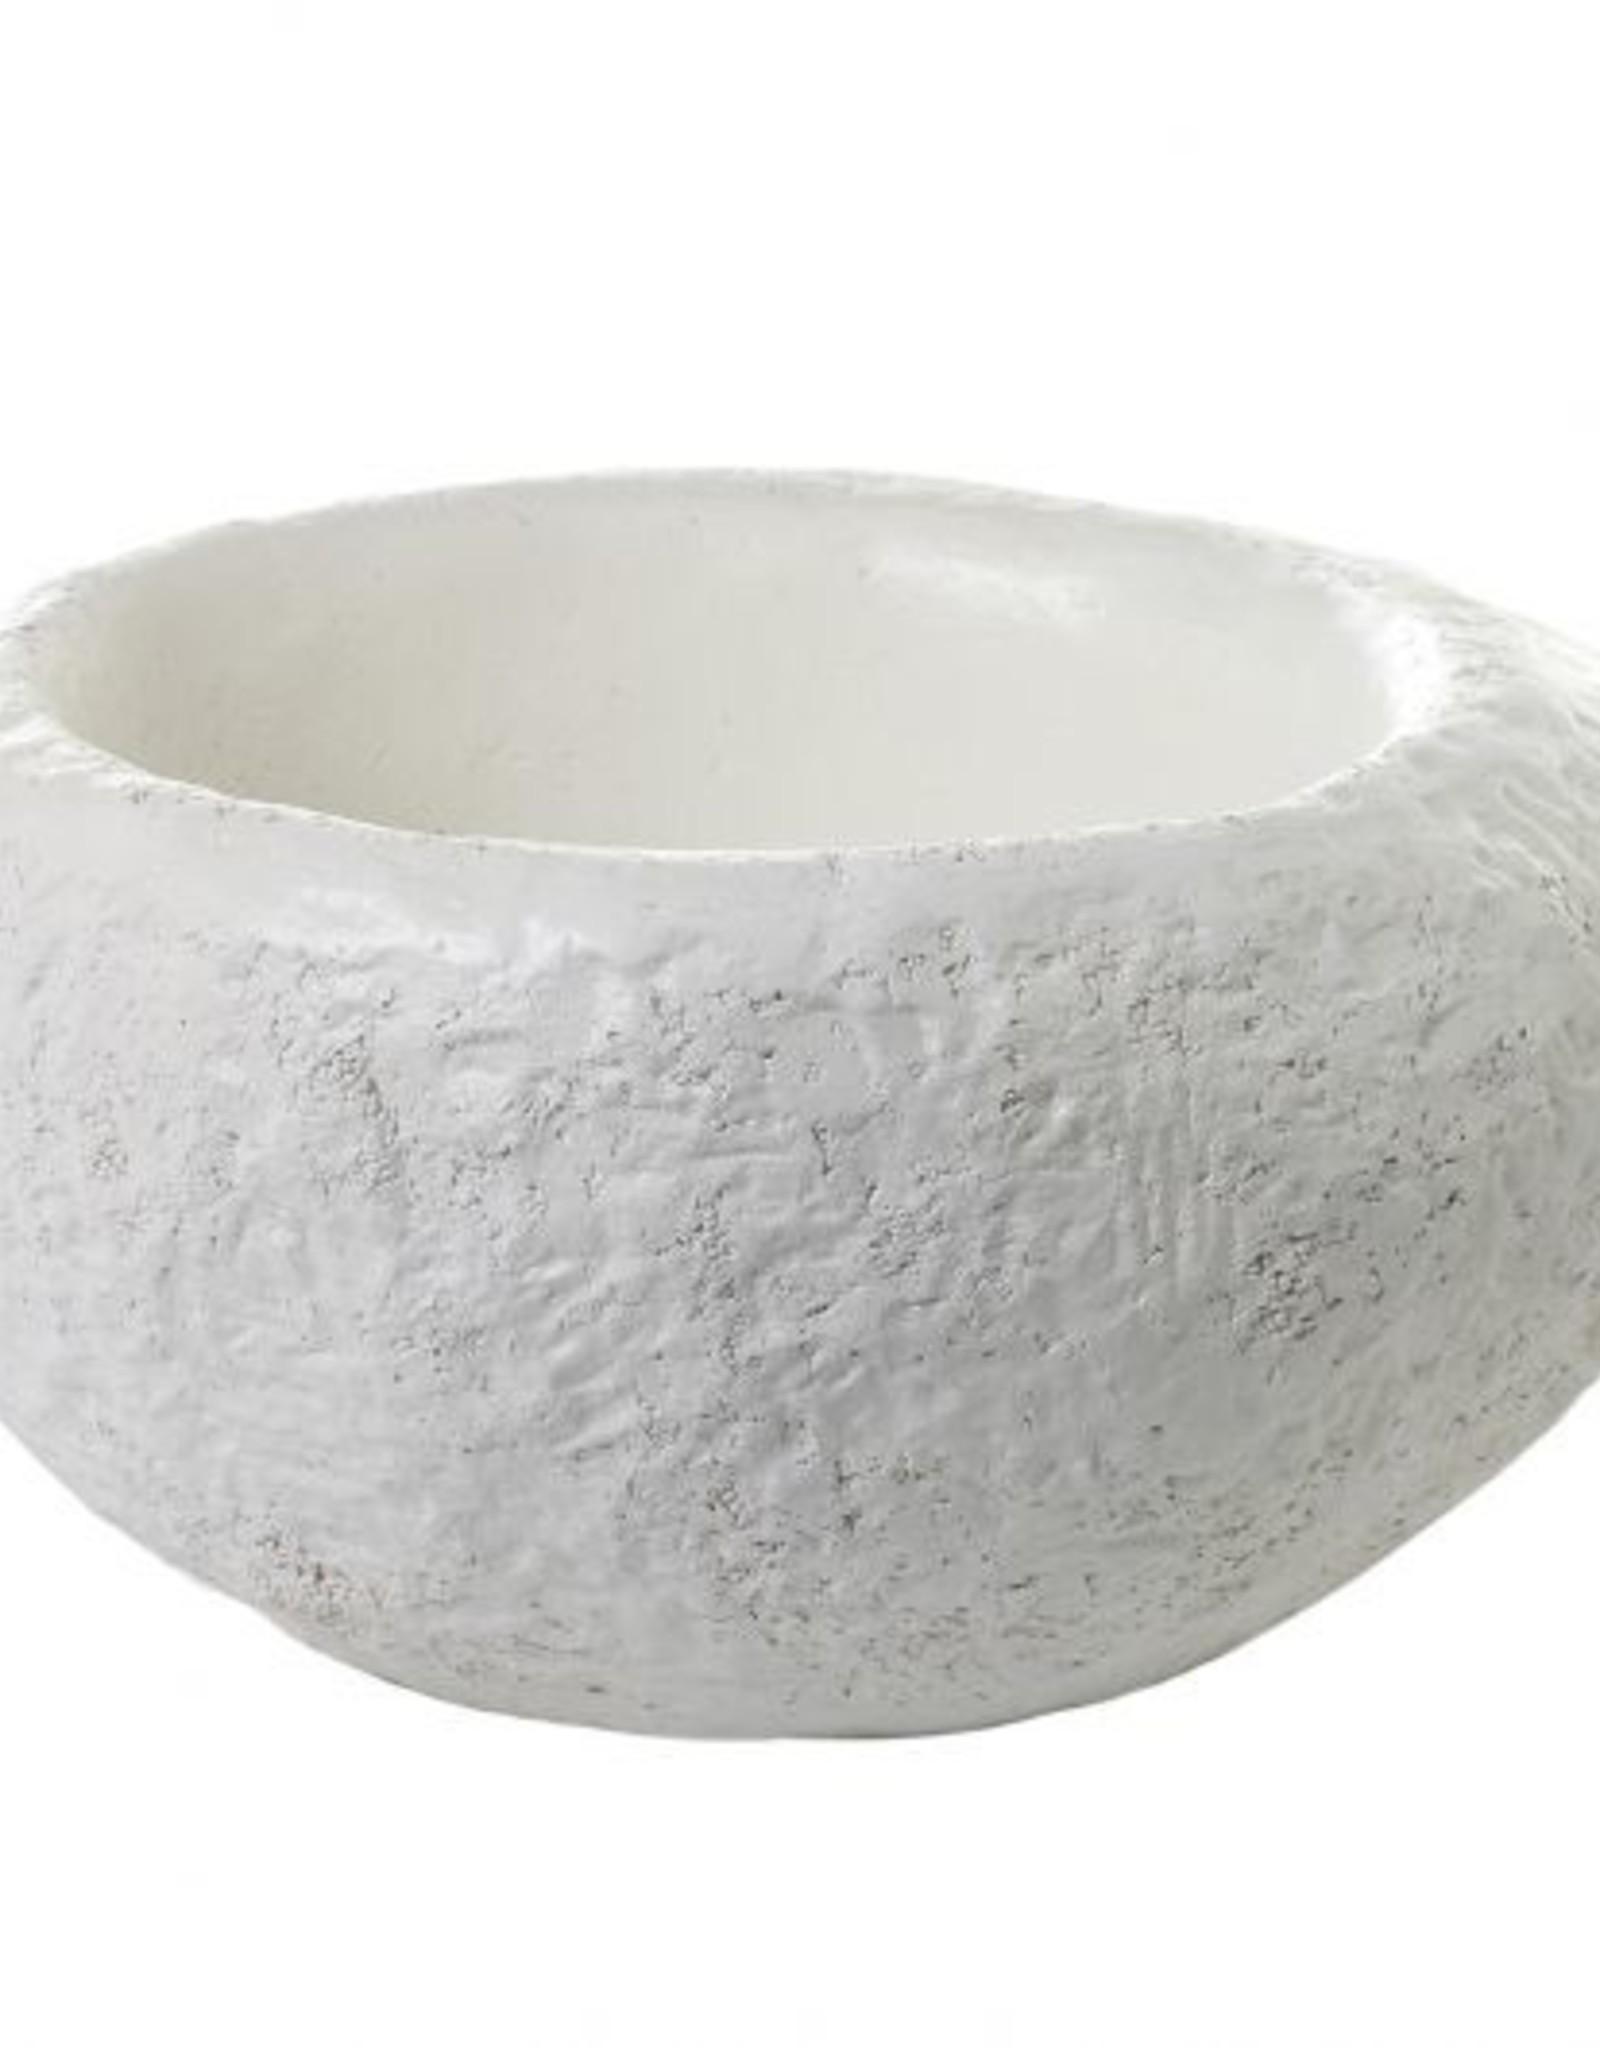 Website Tahiti Bowl